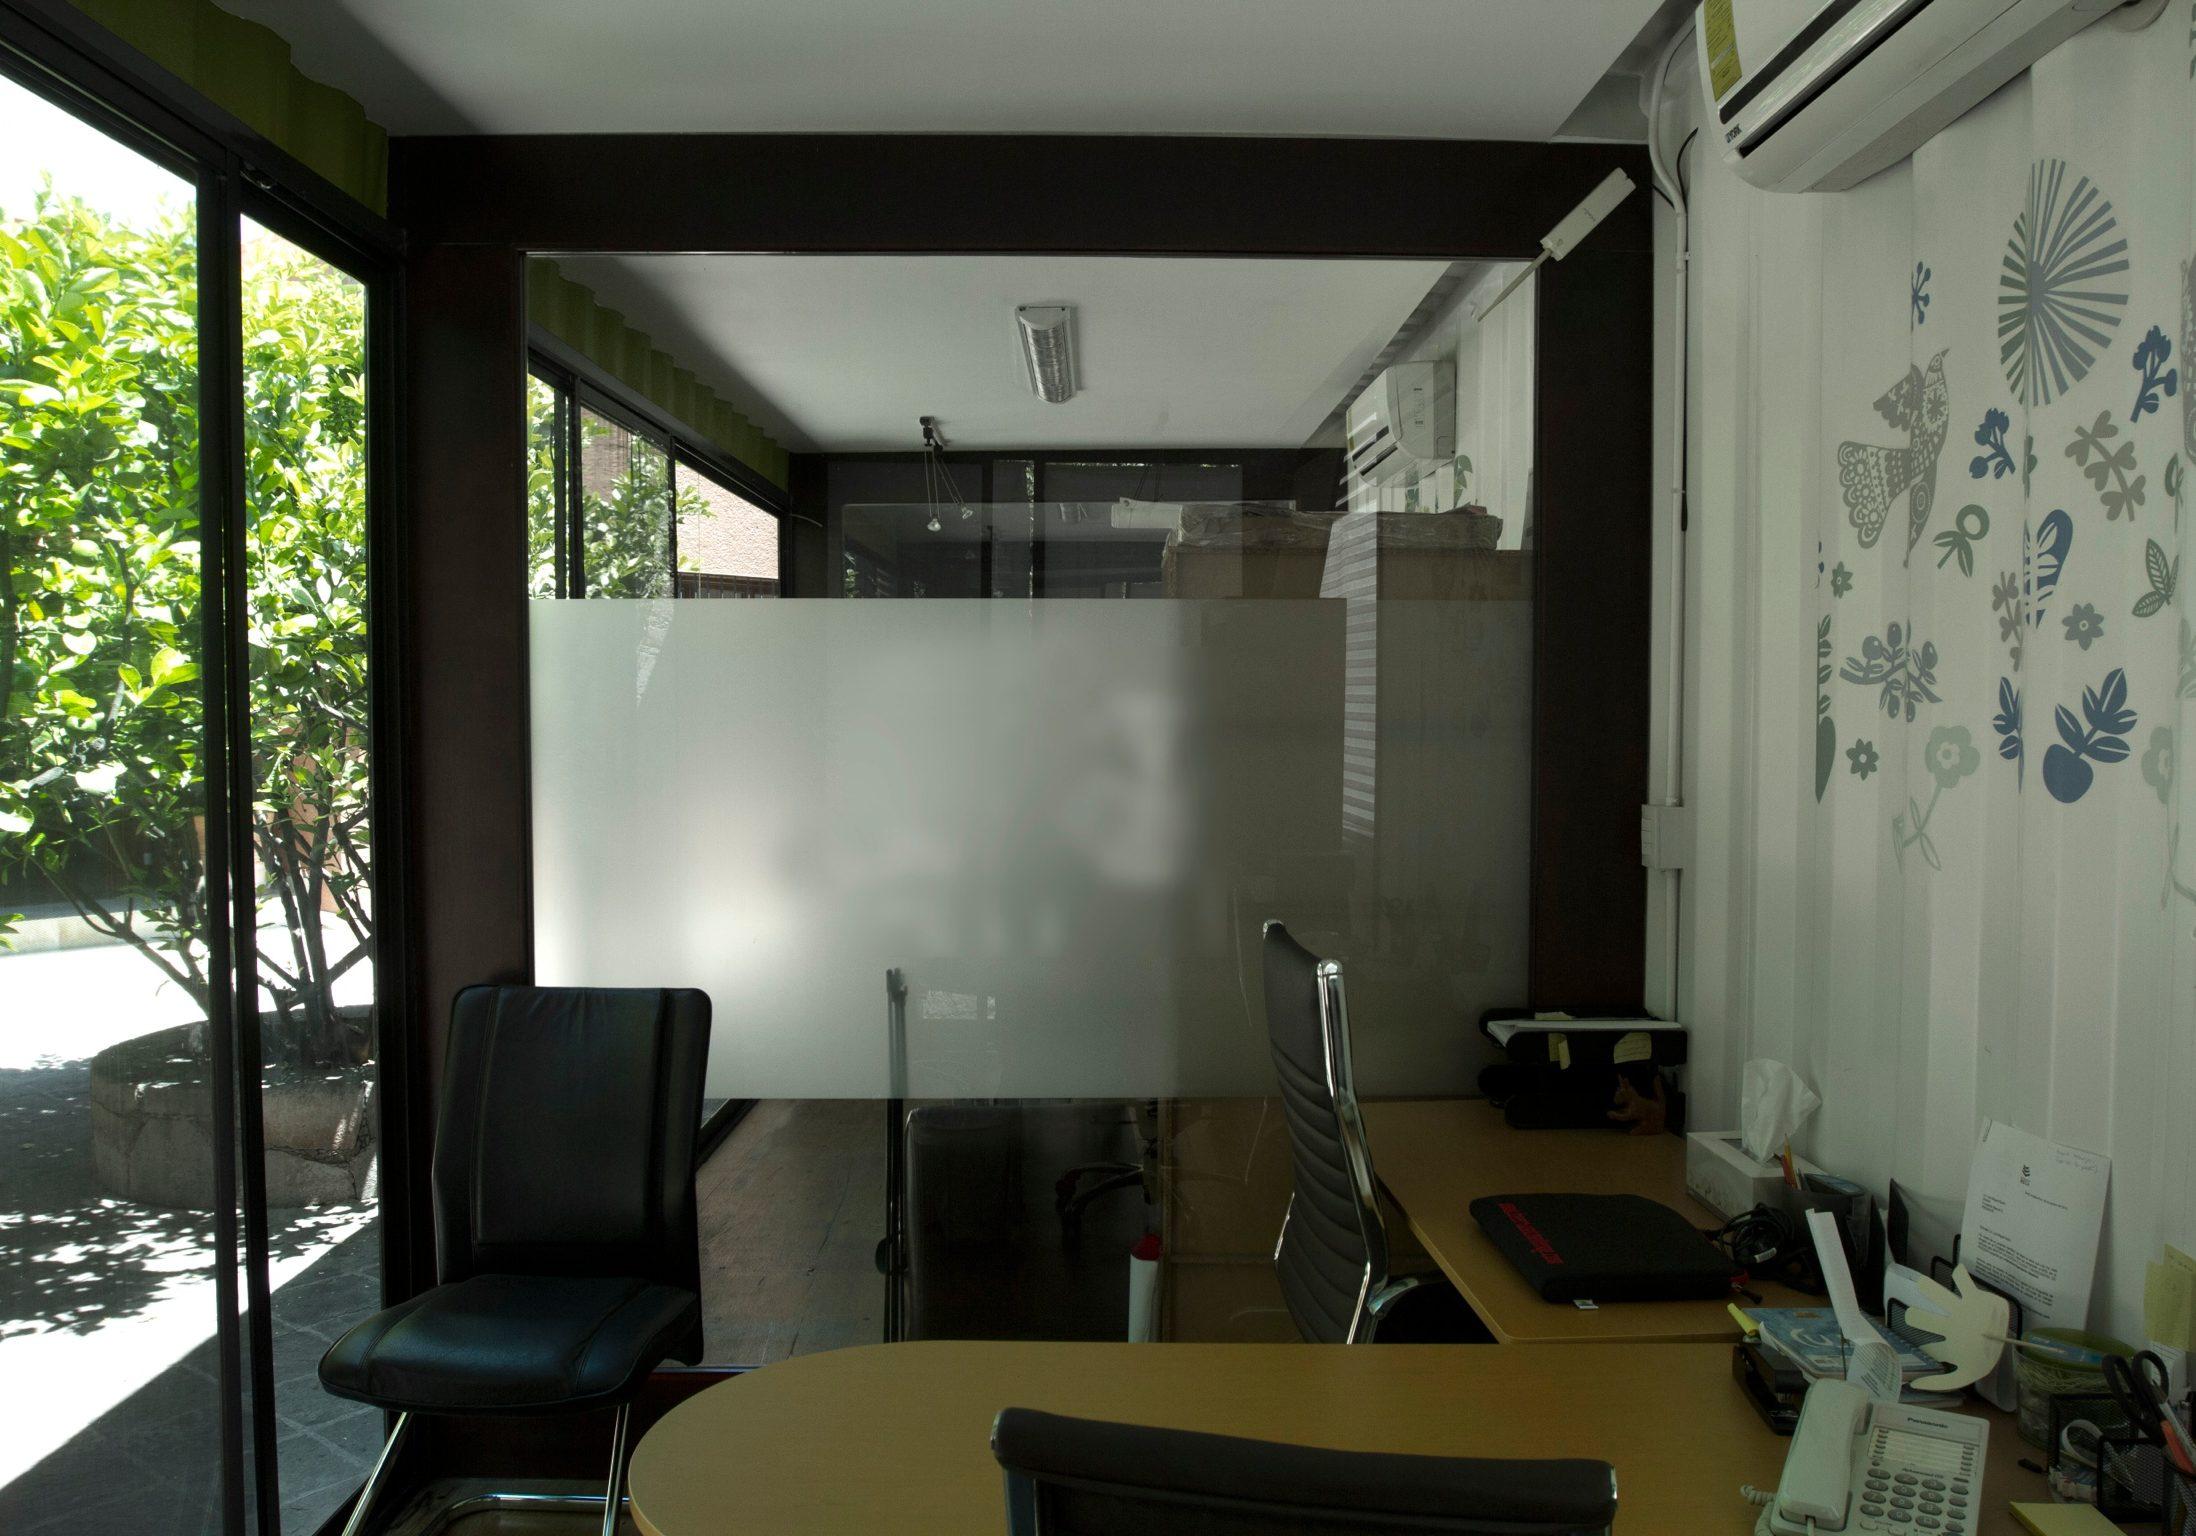 Interior Mini Oficina modular fabricada con containers. Estilo moderno. Luís Miguel Rubín